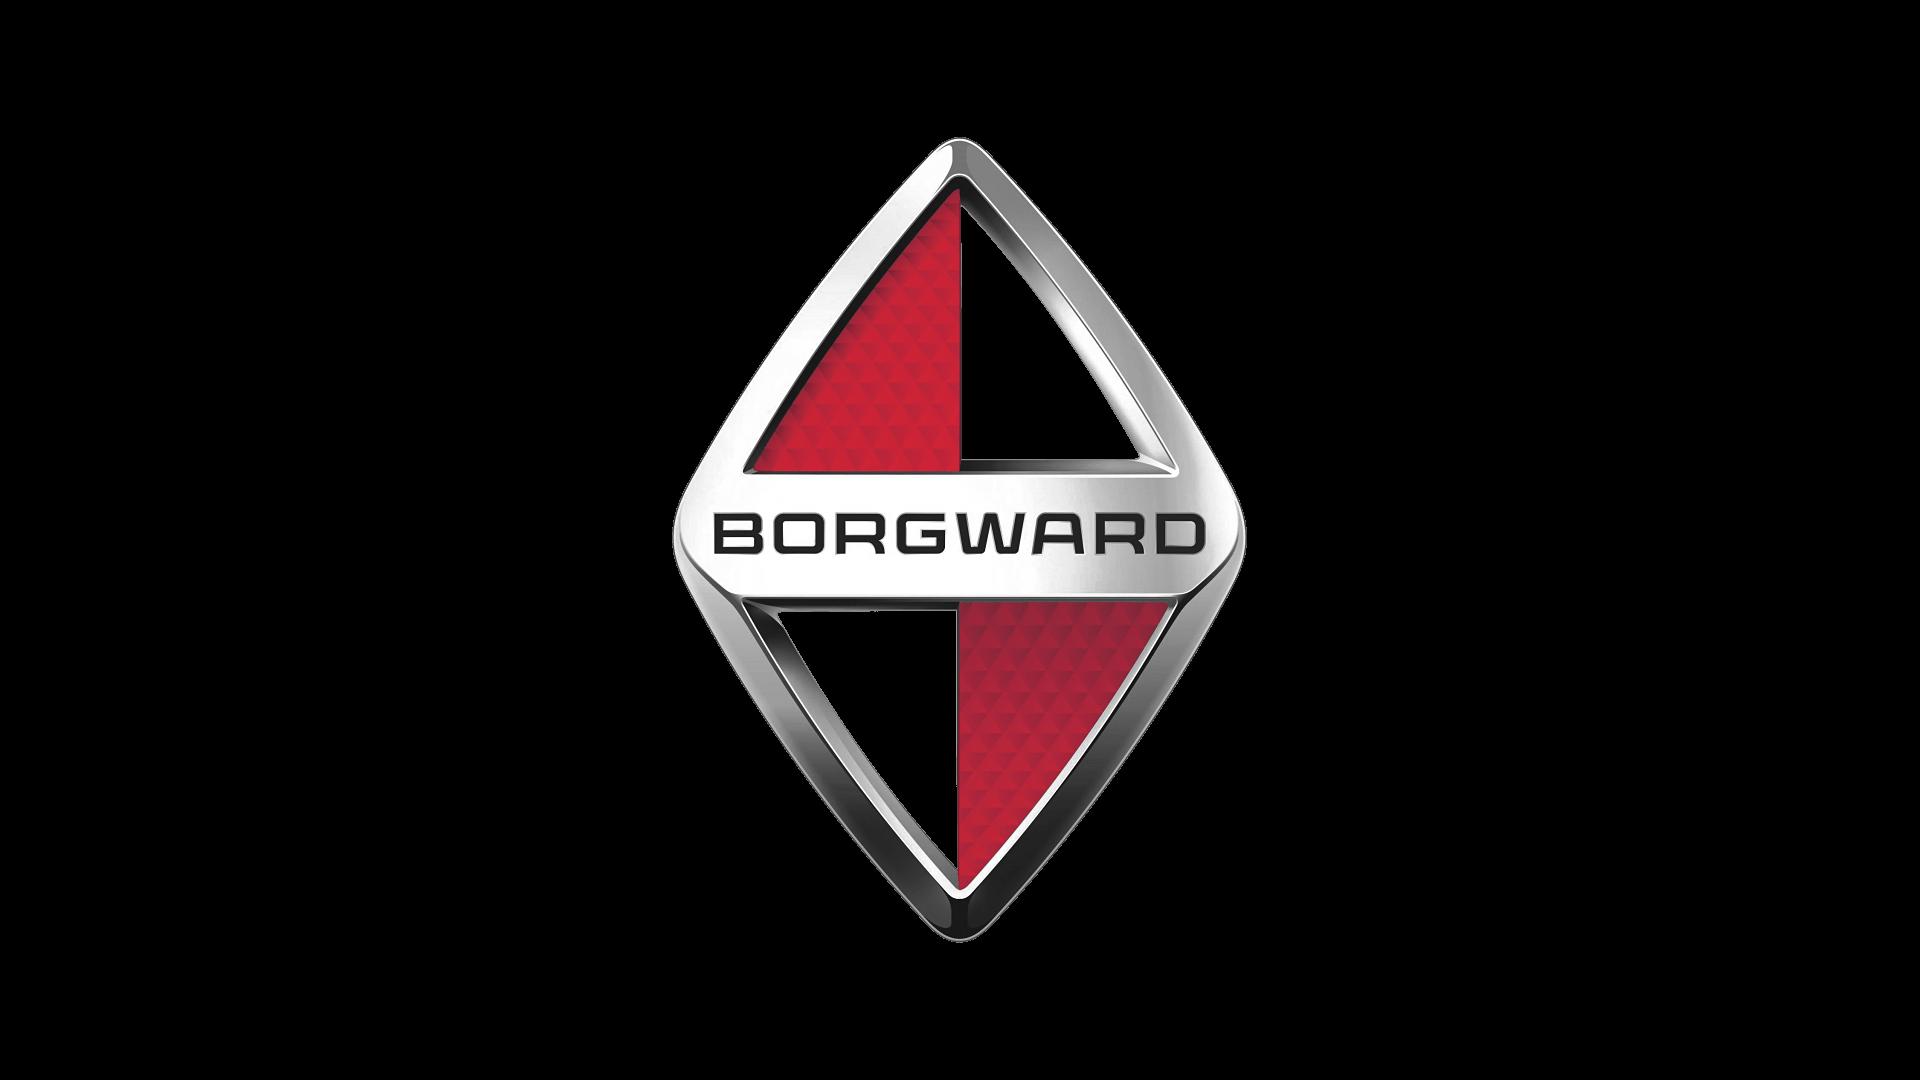 car logo borgward transparent png stickpng. Black Bedroom Furniture Sets. Home Design Ideas